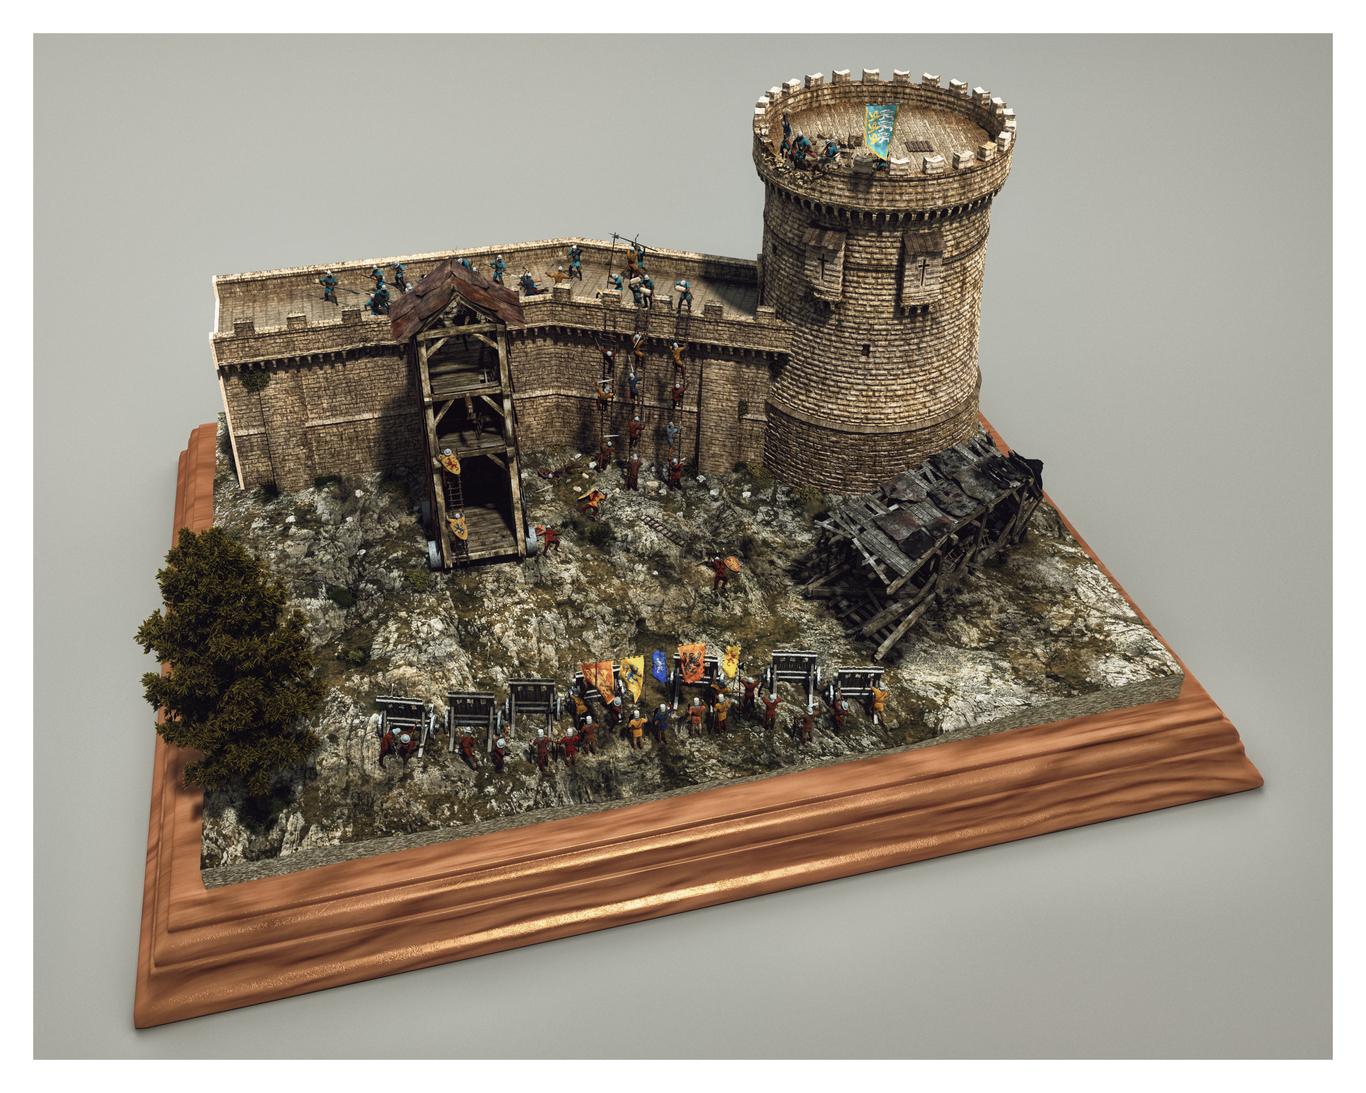 Aumakua medieval siege diora 1 a83f7ddf svrj